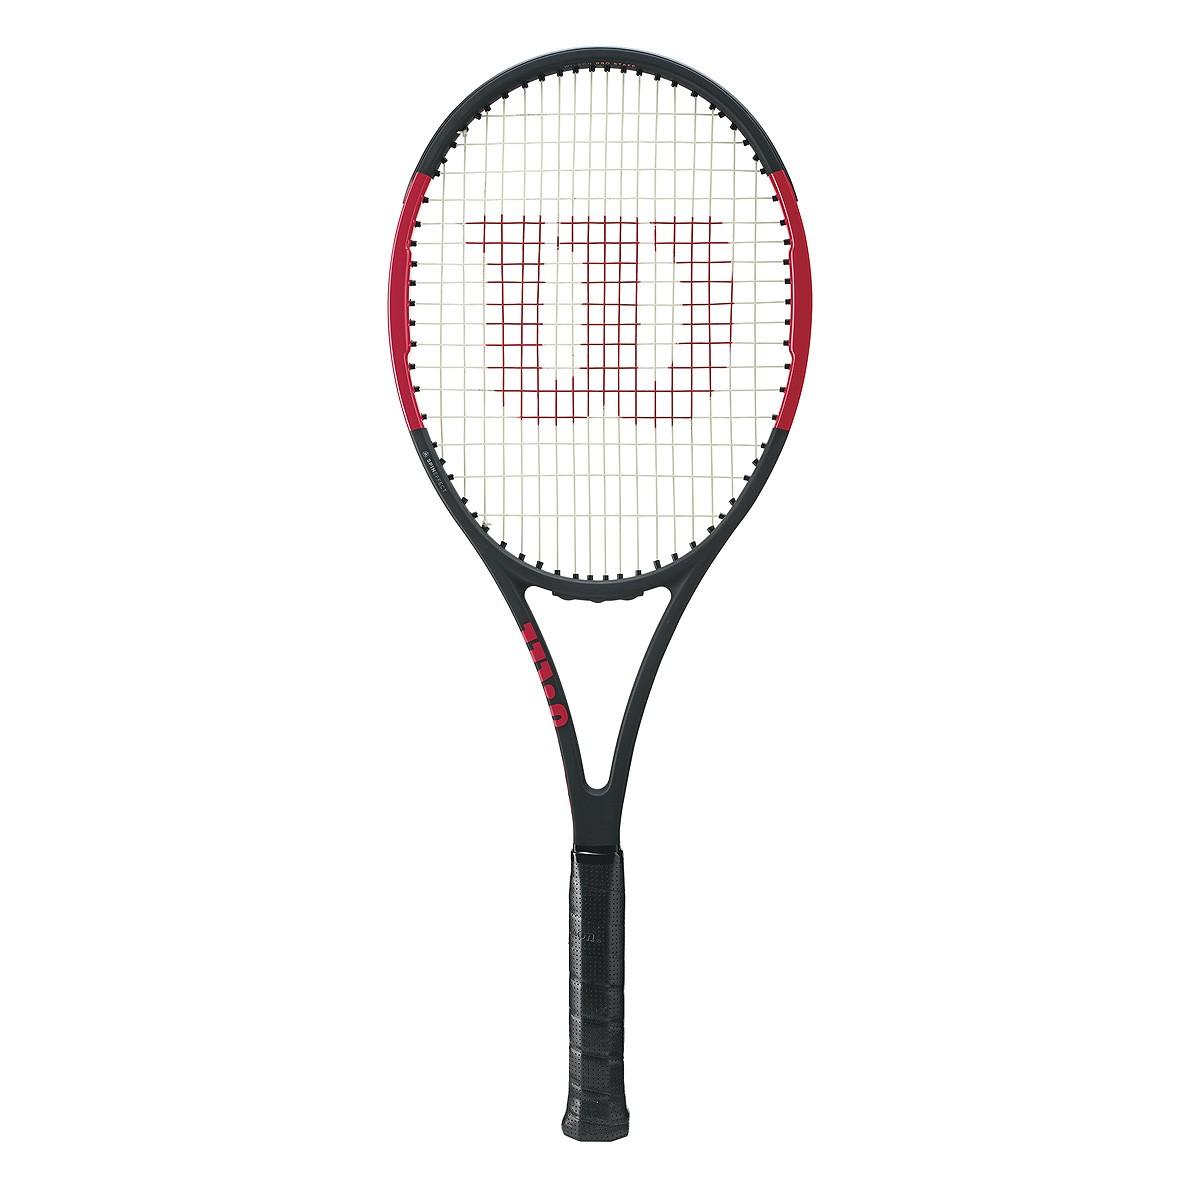 Rakieta tenisowa Wilson PRO STAFF 97S + Luxilon!